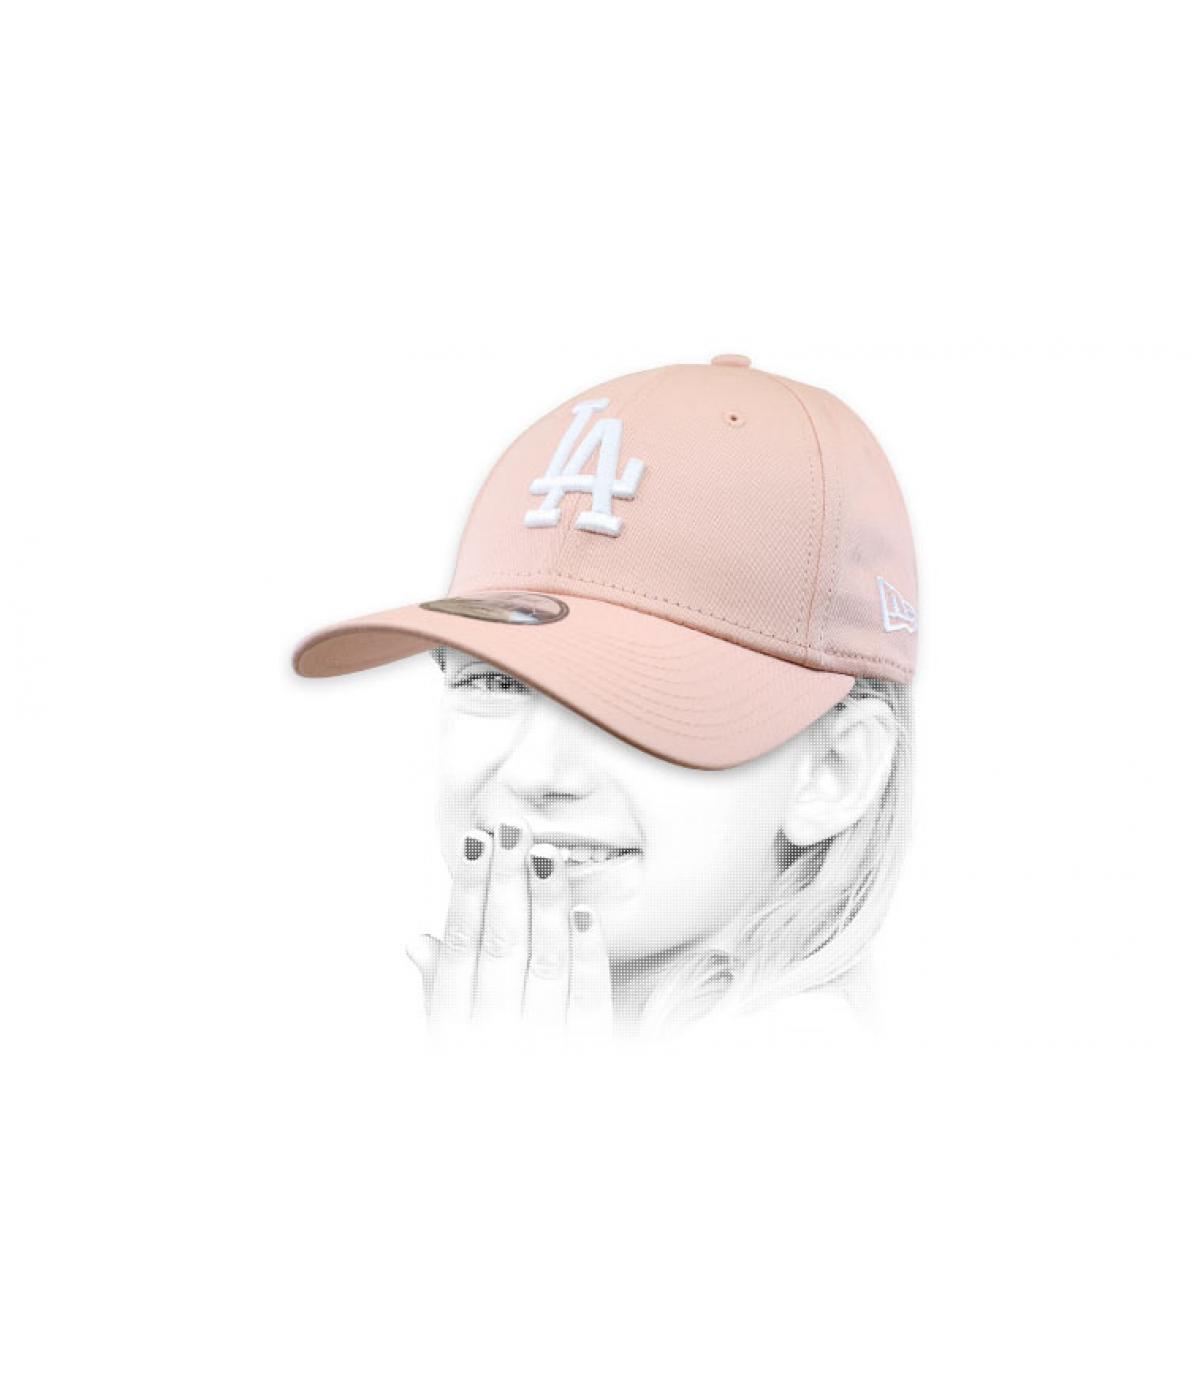 cappello LA rosa bambino